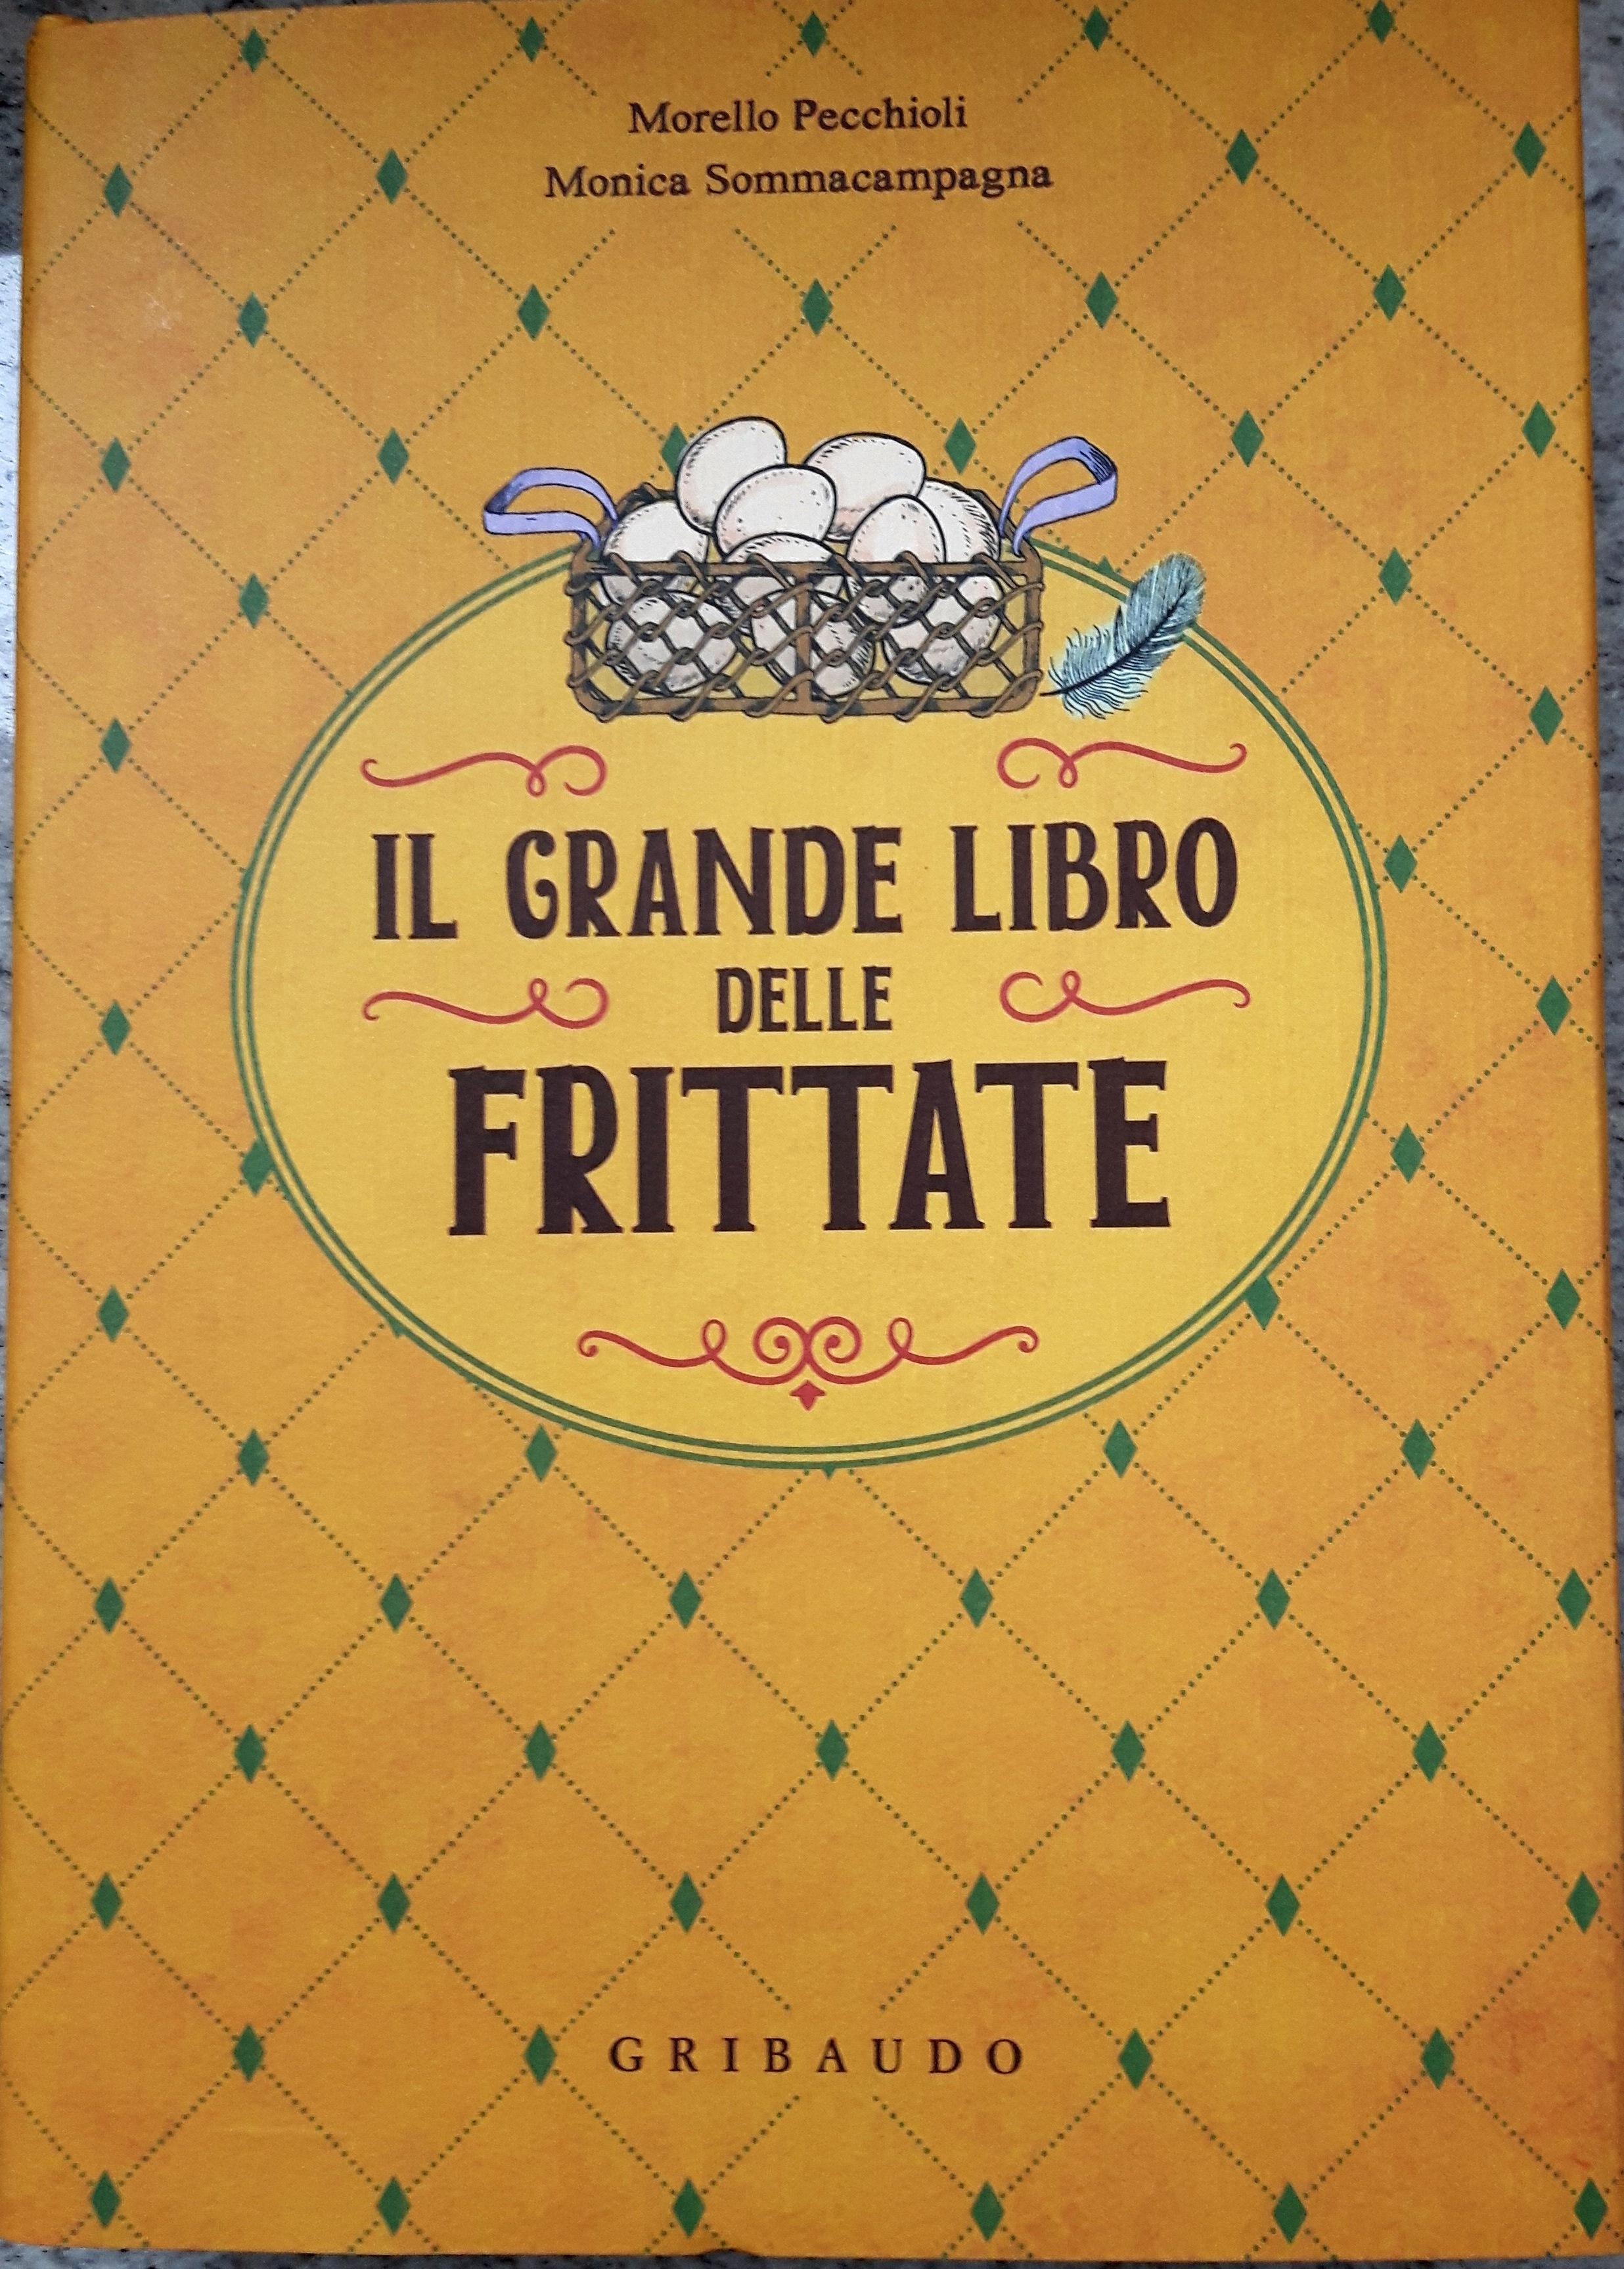 Il Grande libro delle frittate